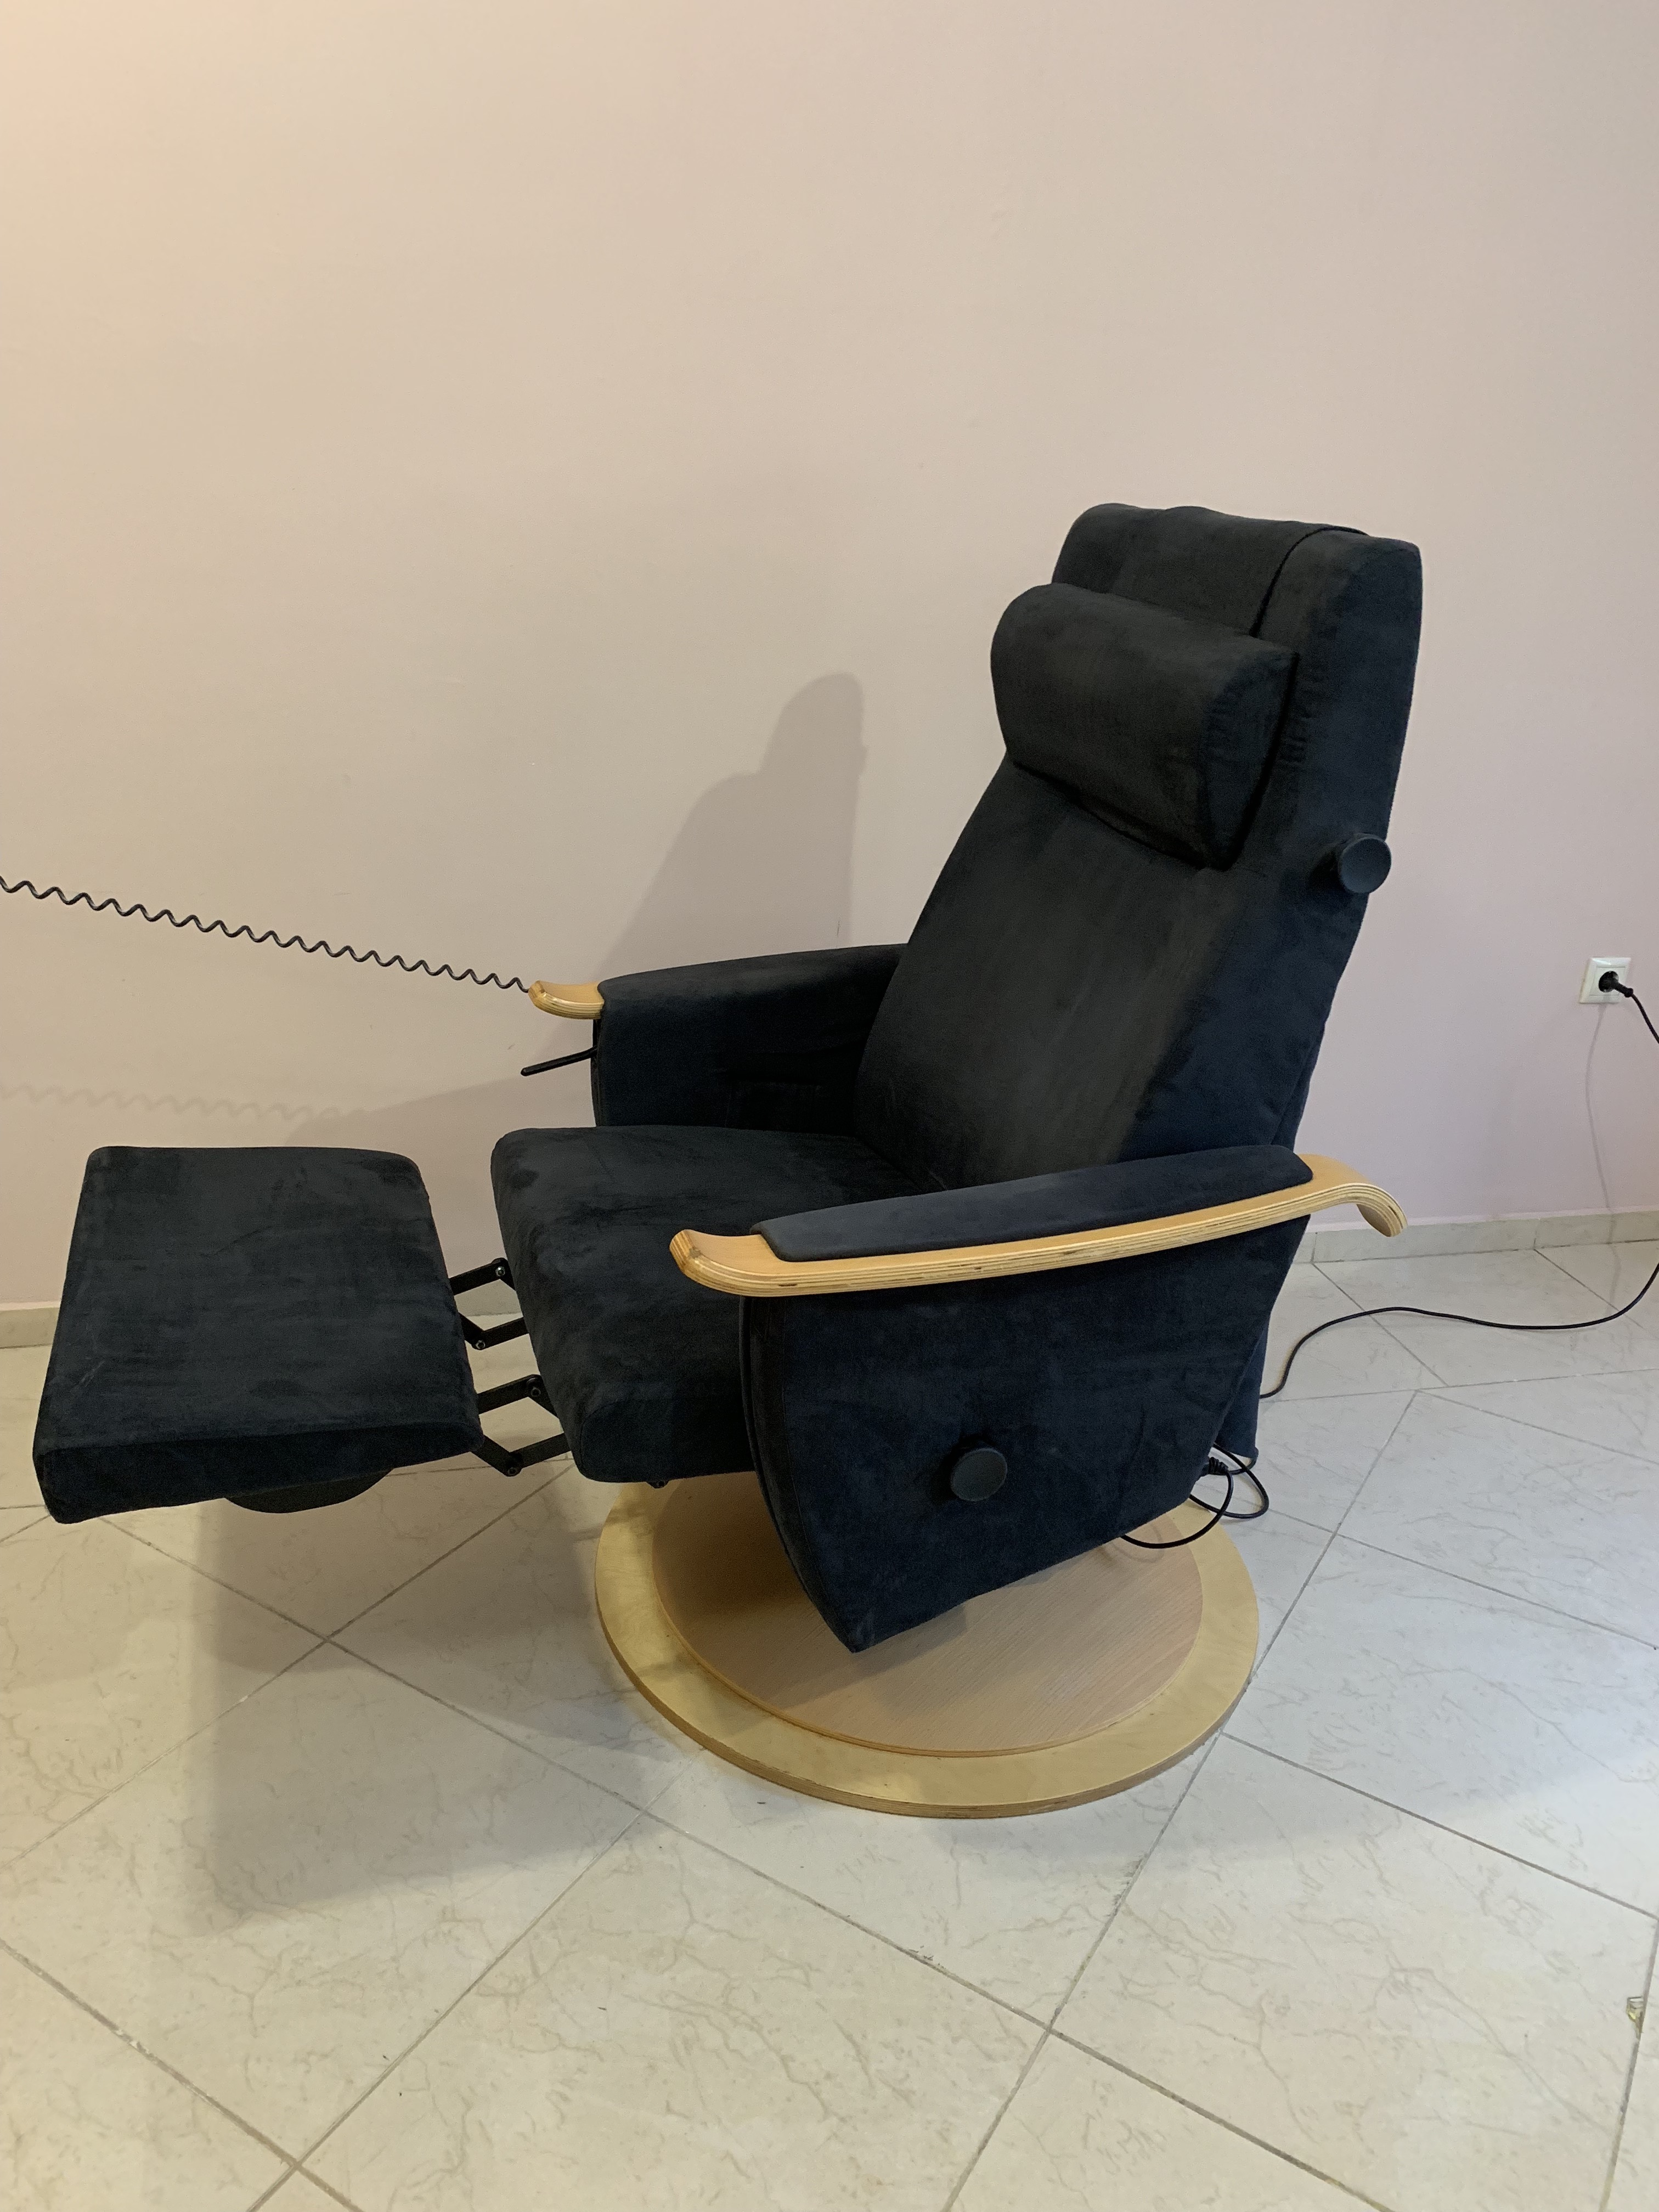 fotelek gyógyfotelek székek